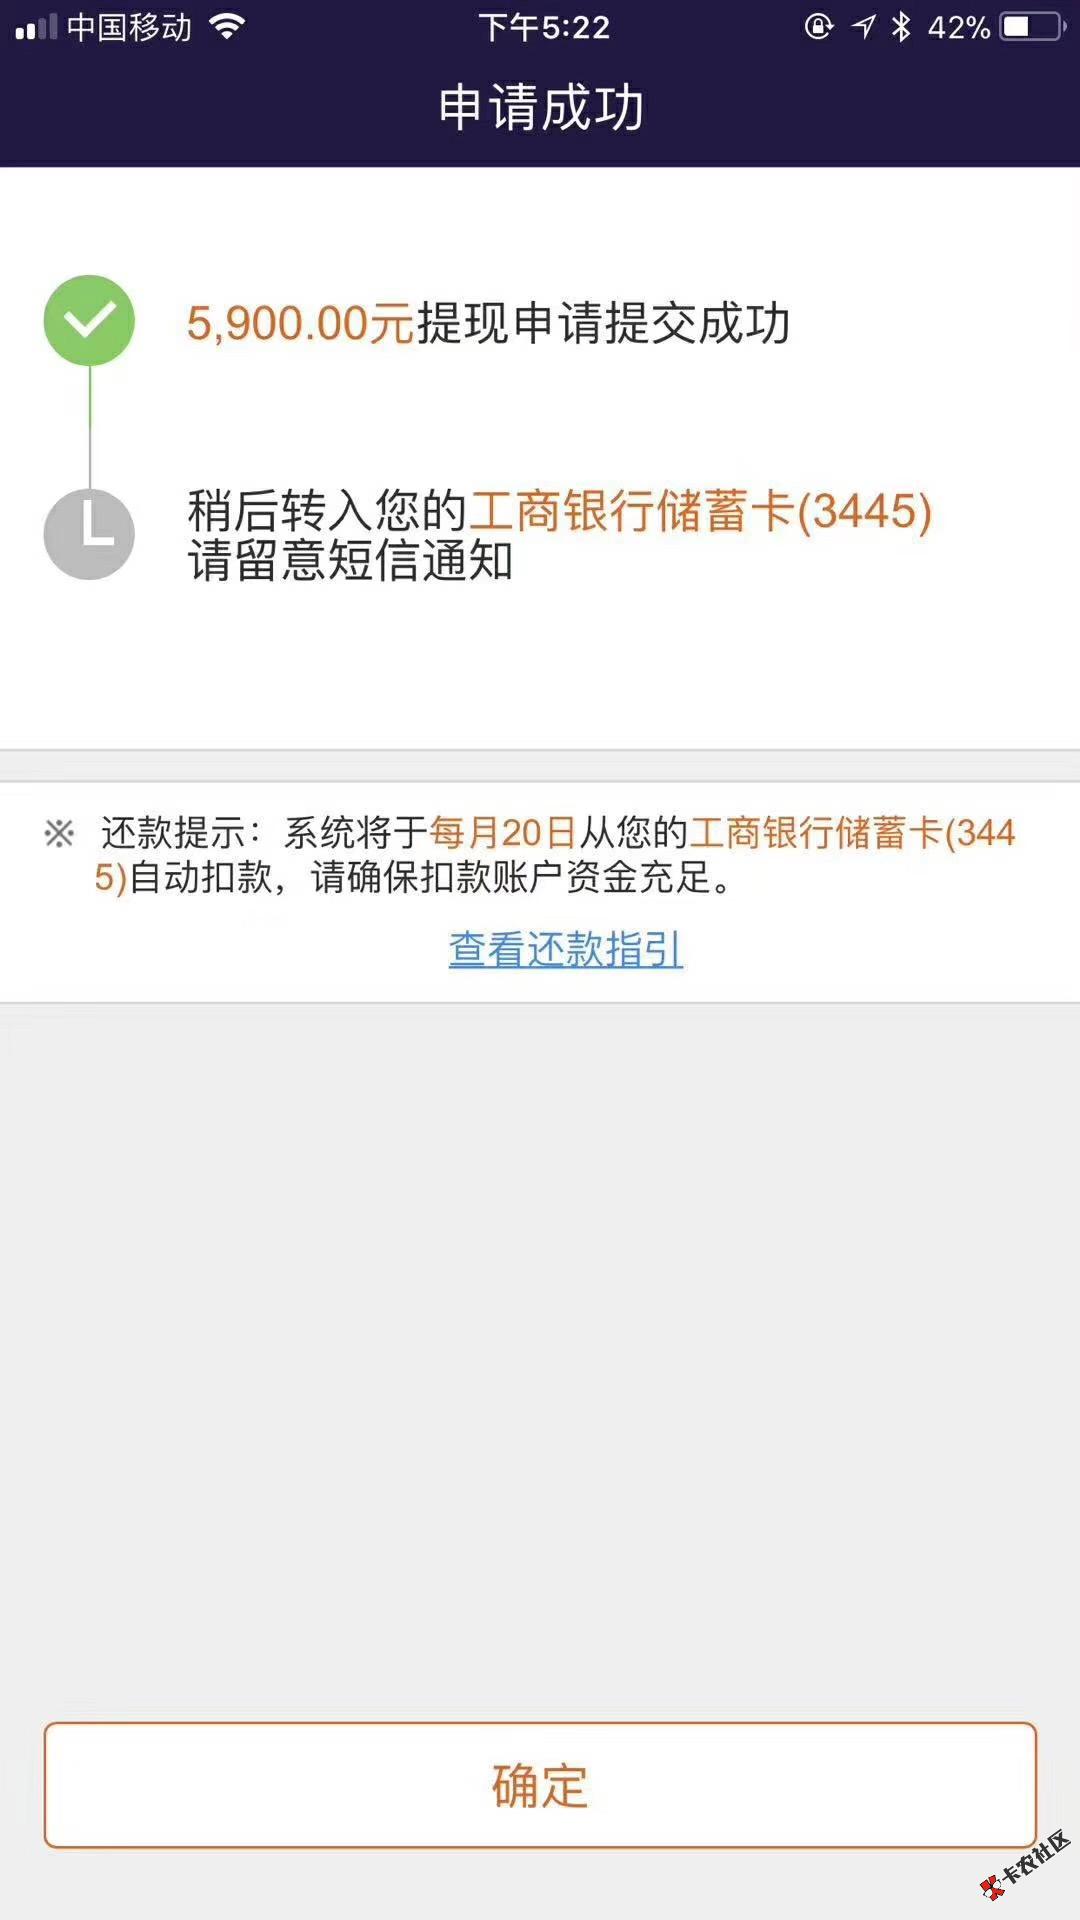 平安i贷自动提现 无限多开教程61 / 作者:卡农社区主编 /